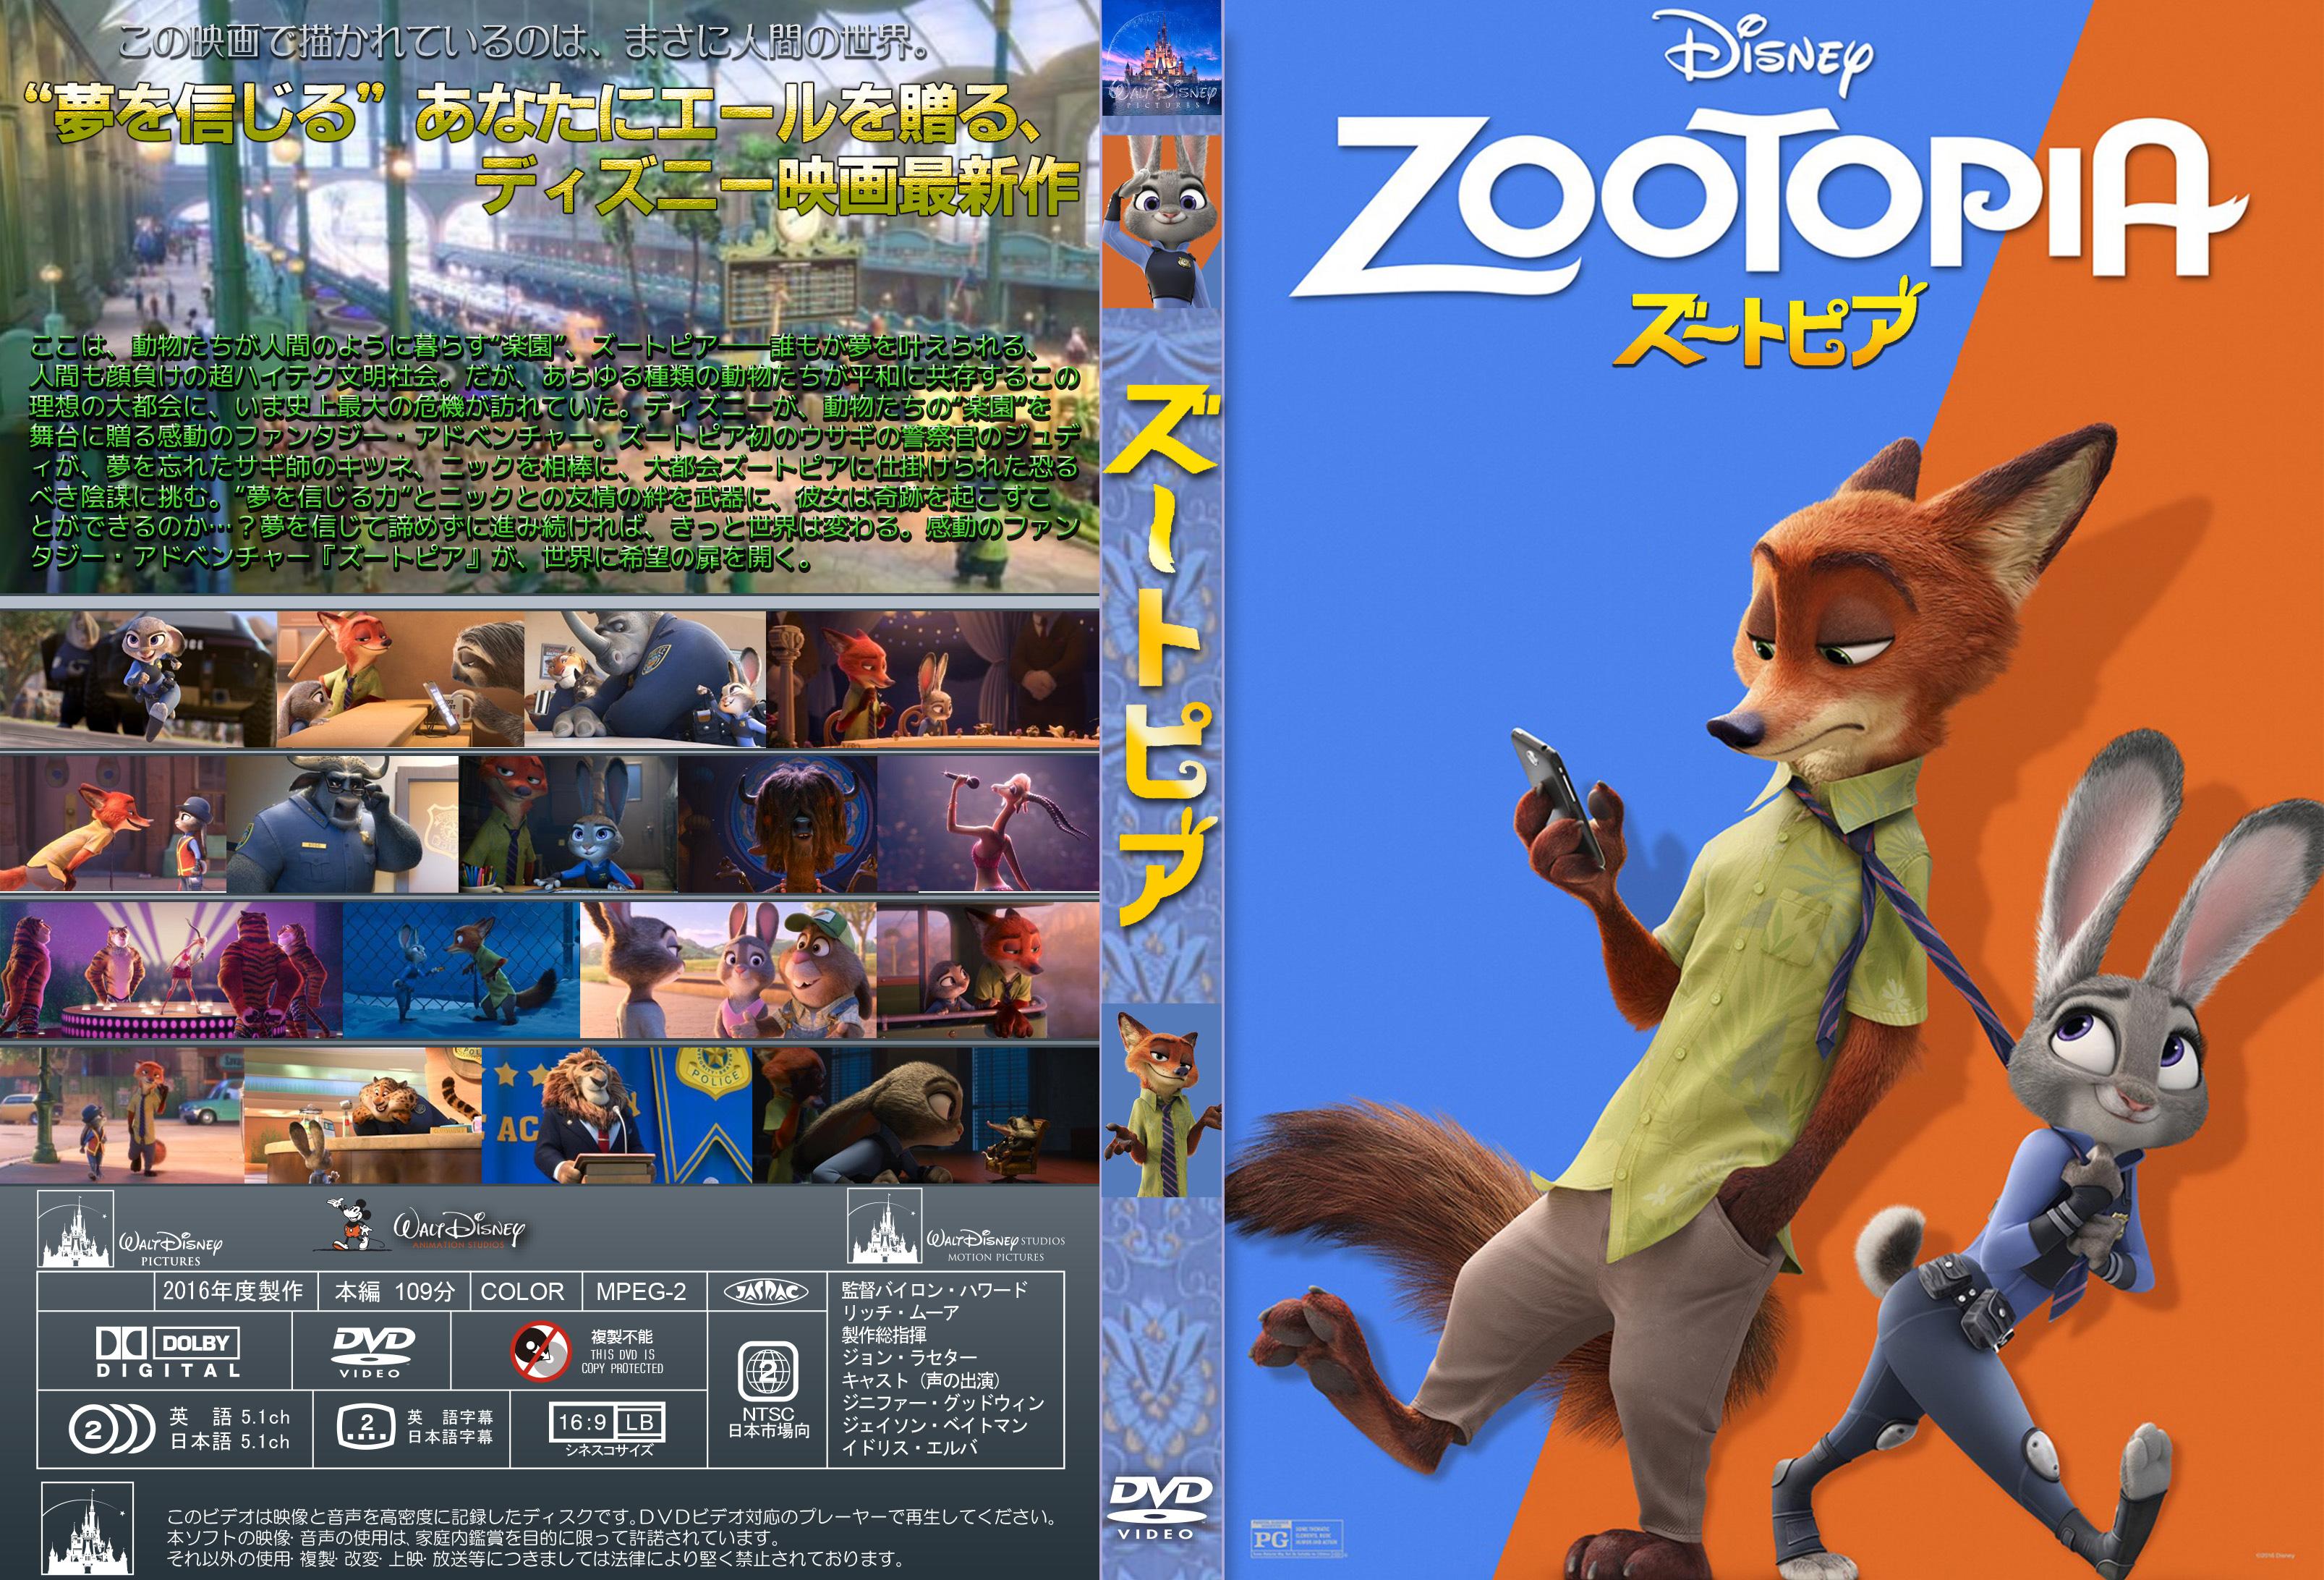 ZootopiaDVDJ005 ZootopiaDVDJ006